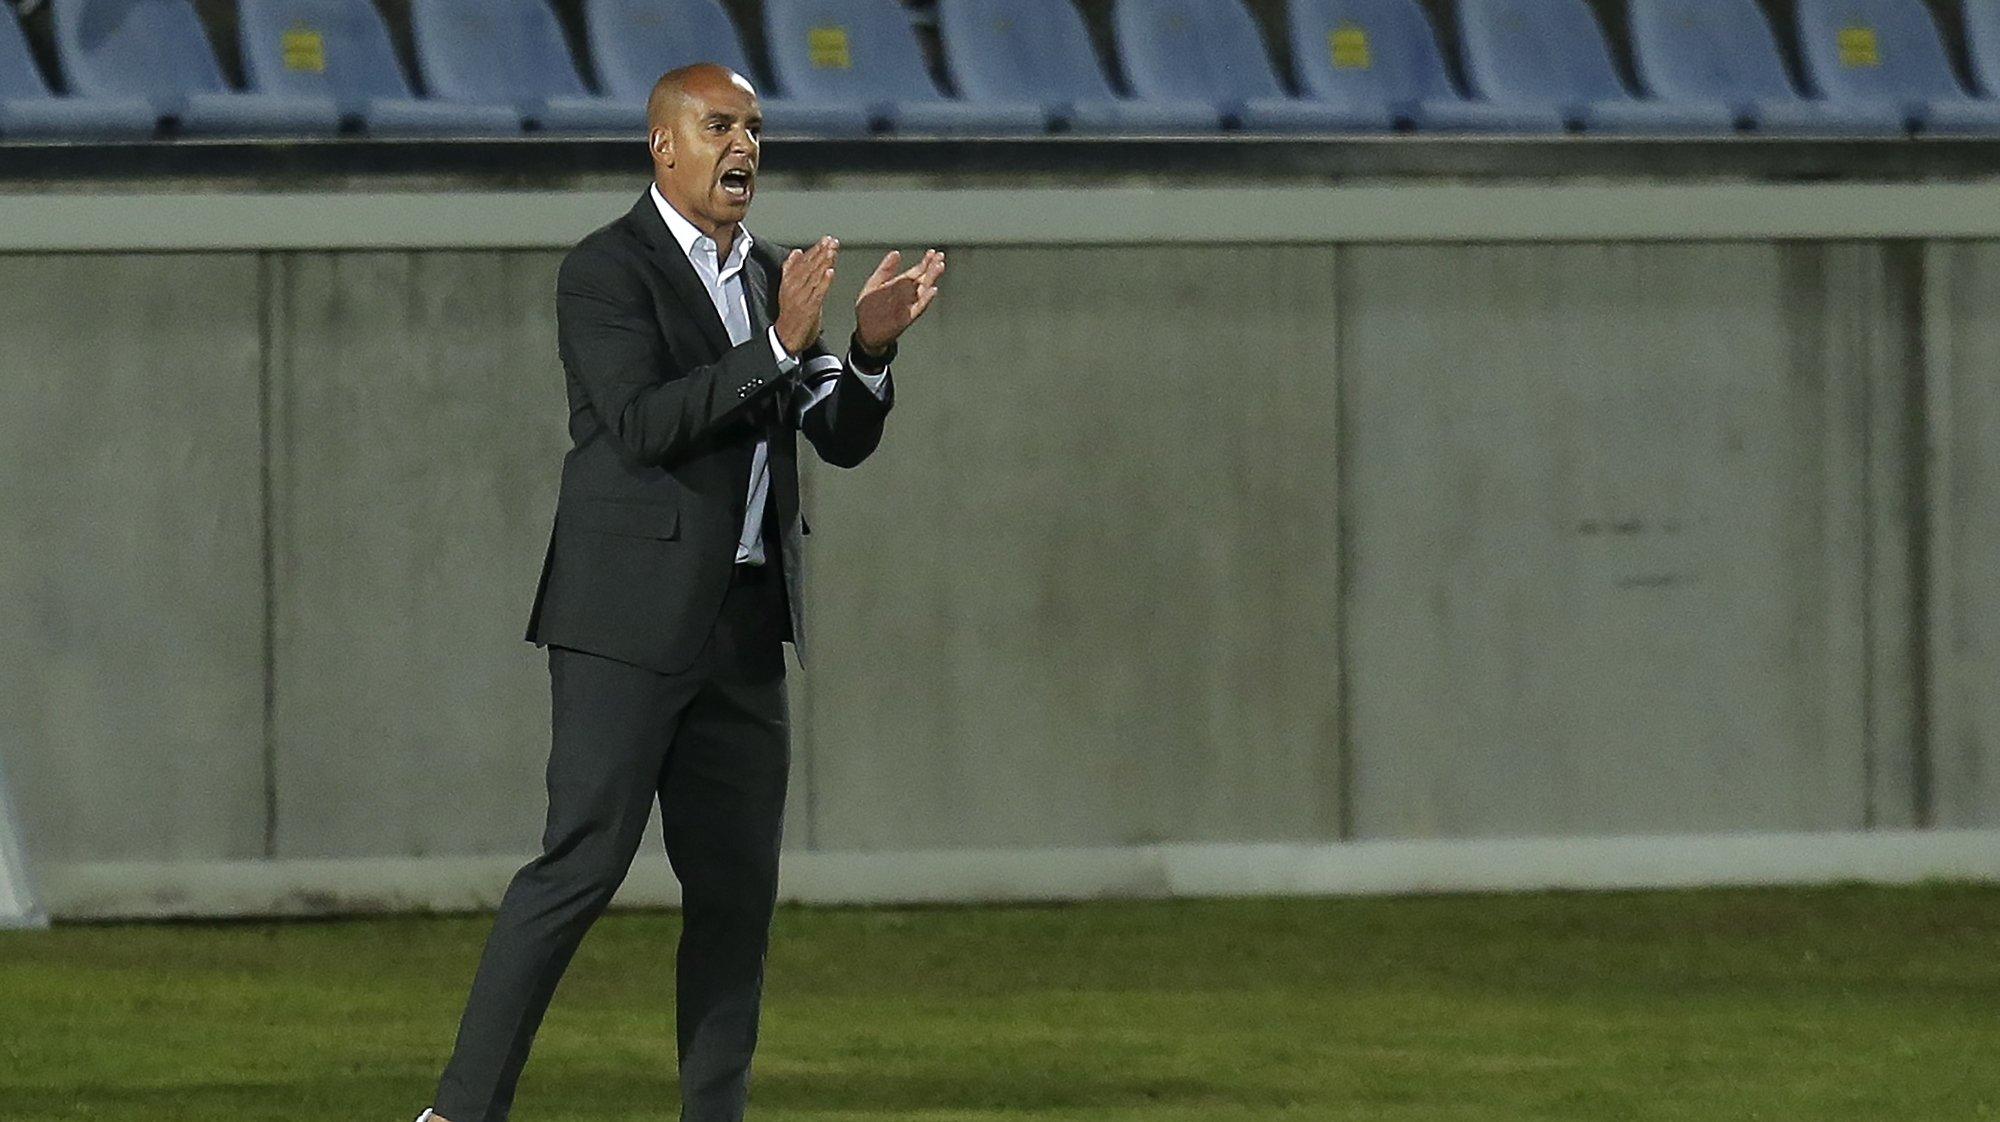 O treinador do Vitória de Guimarães, Pepa, reage durante o jogo da 6ª jornada da Primeira Liga de futebol contra o Arouca disputado no Estádio Municipal de Arouca, 18 de setembro de 2021. MANUEL FERNANDO ARAUJO/LUSA